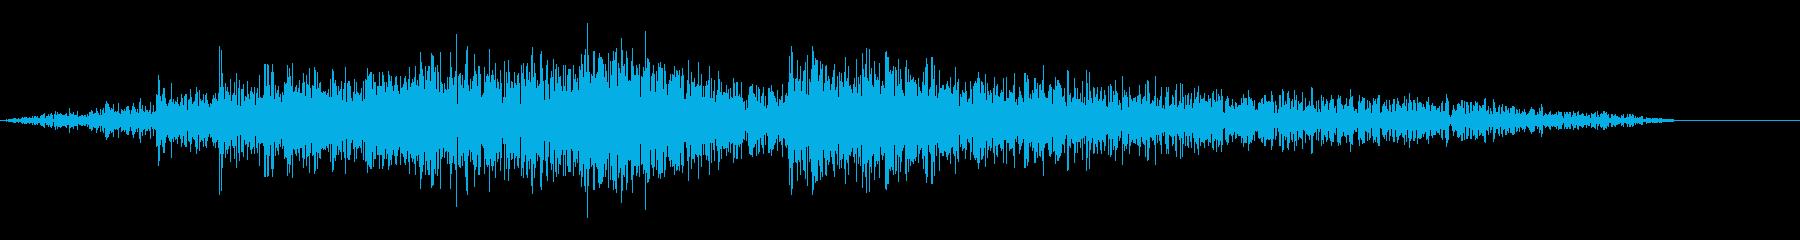 水中Int低金属ストレスの再生済みの波形